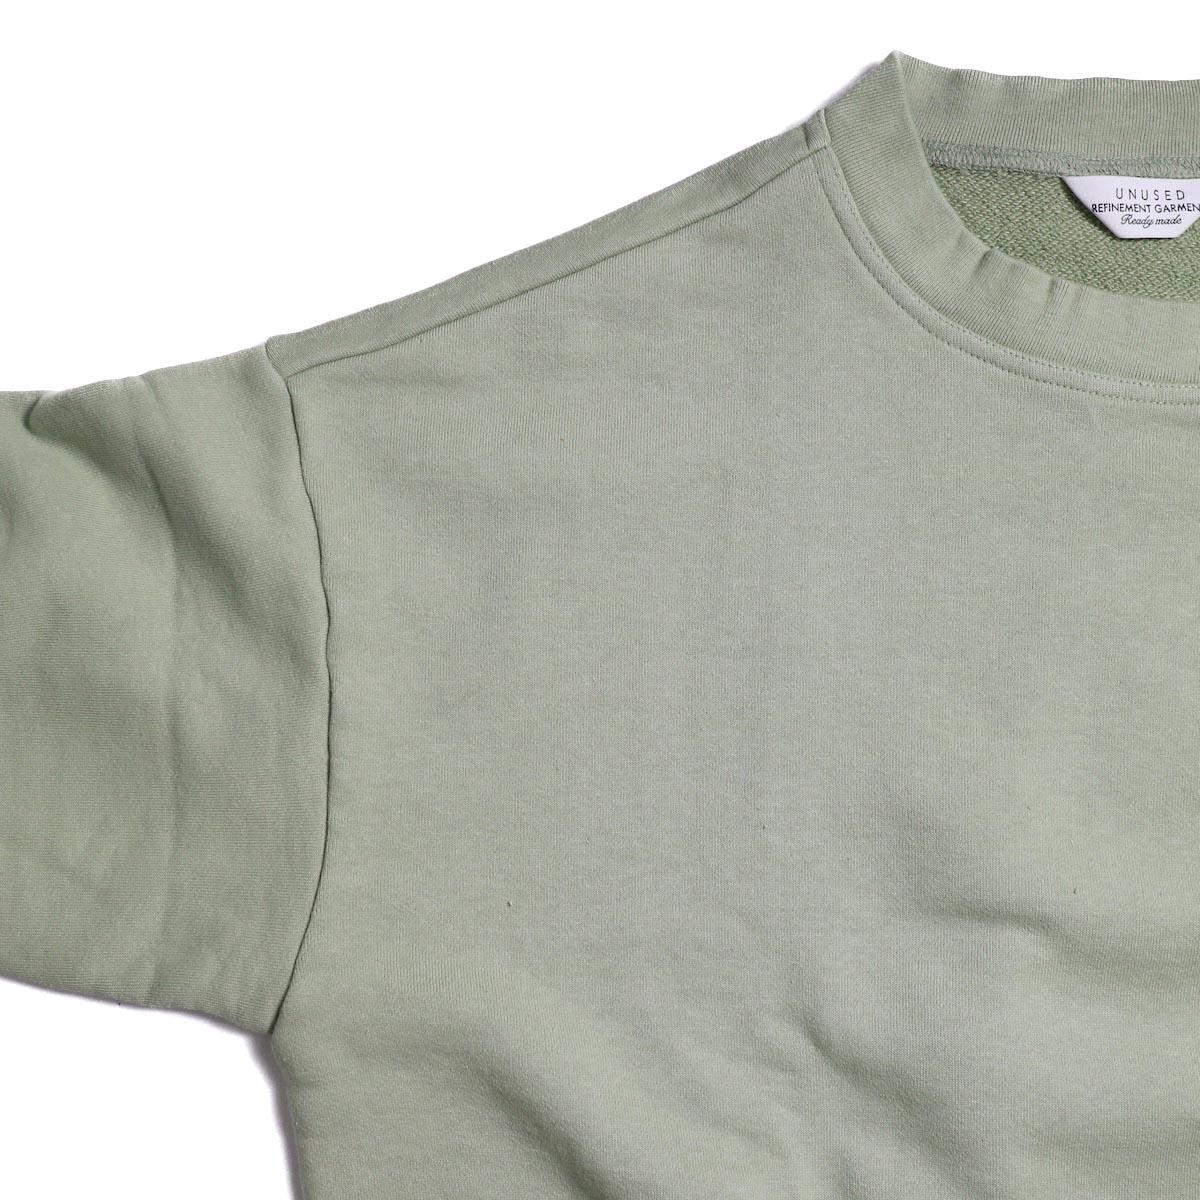 UNUSED / US1530 Crew Neck Sweat Shirt -SAGE GREEN ドロップショルダー